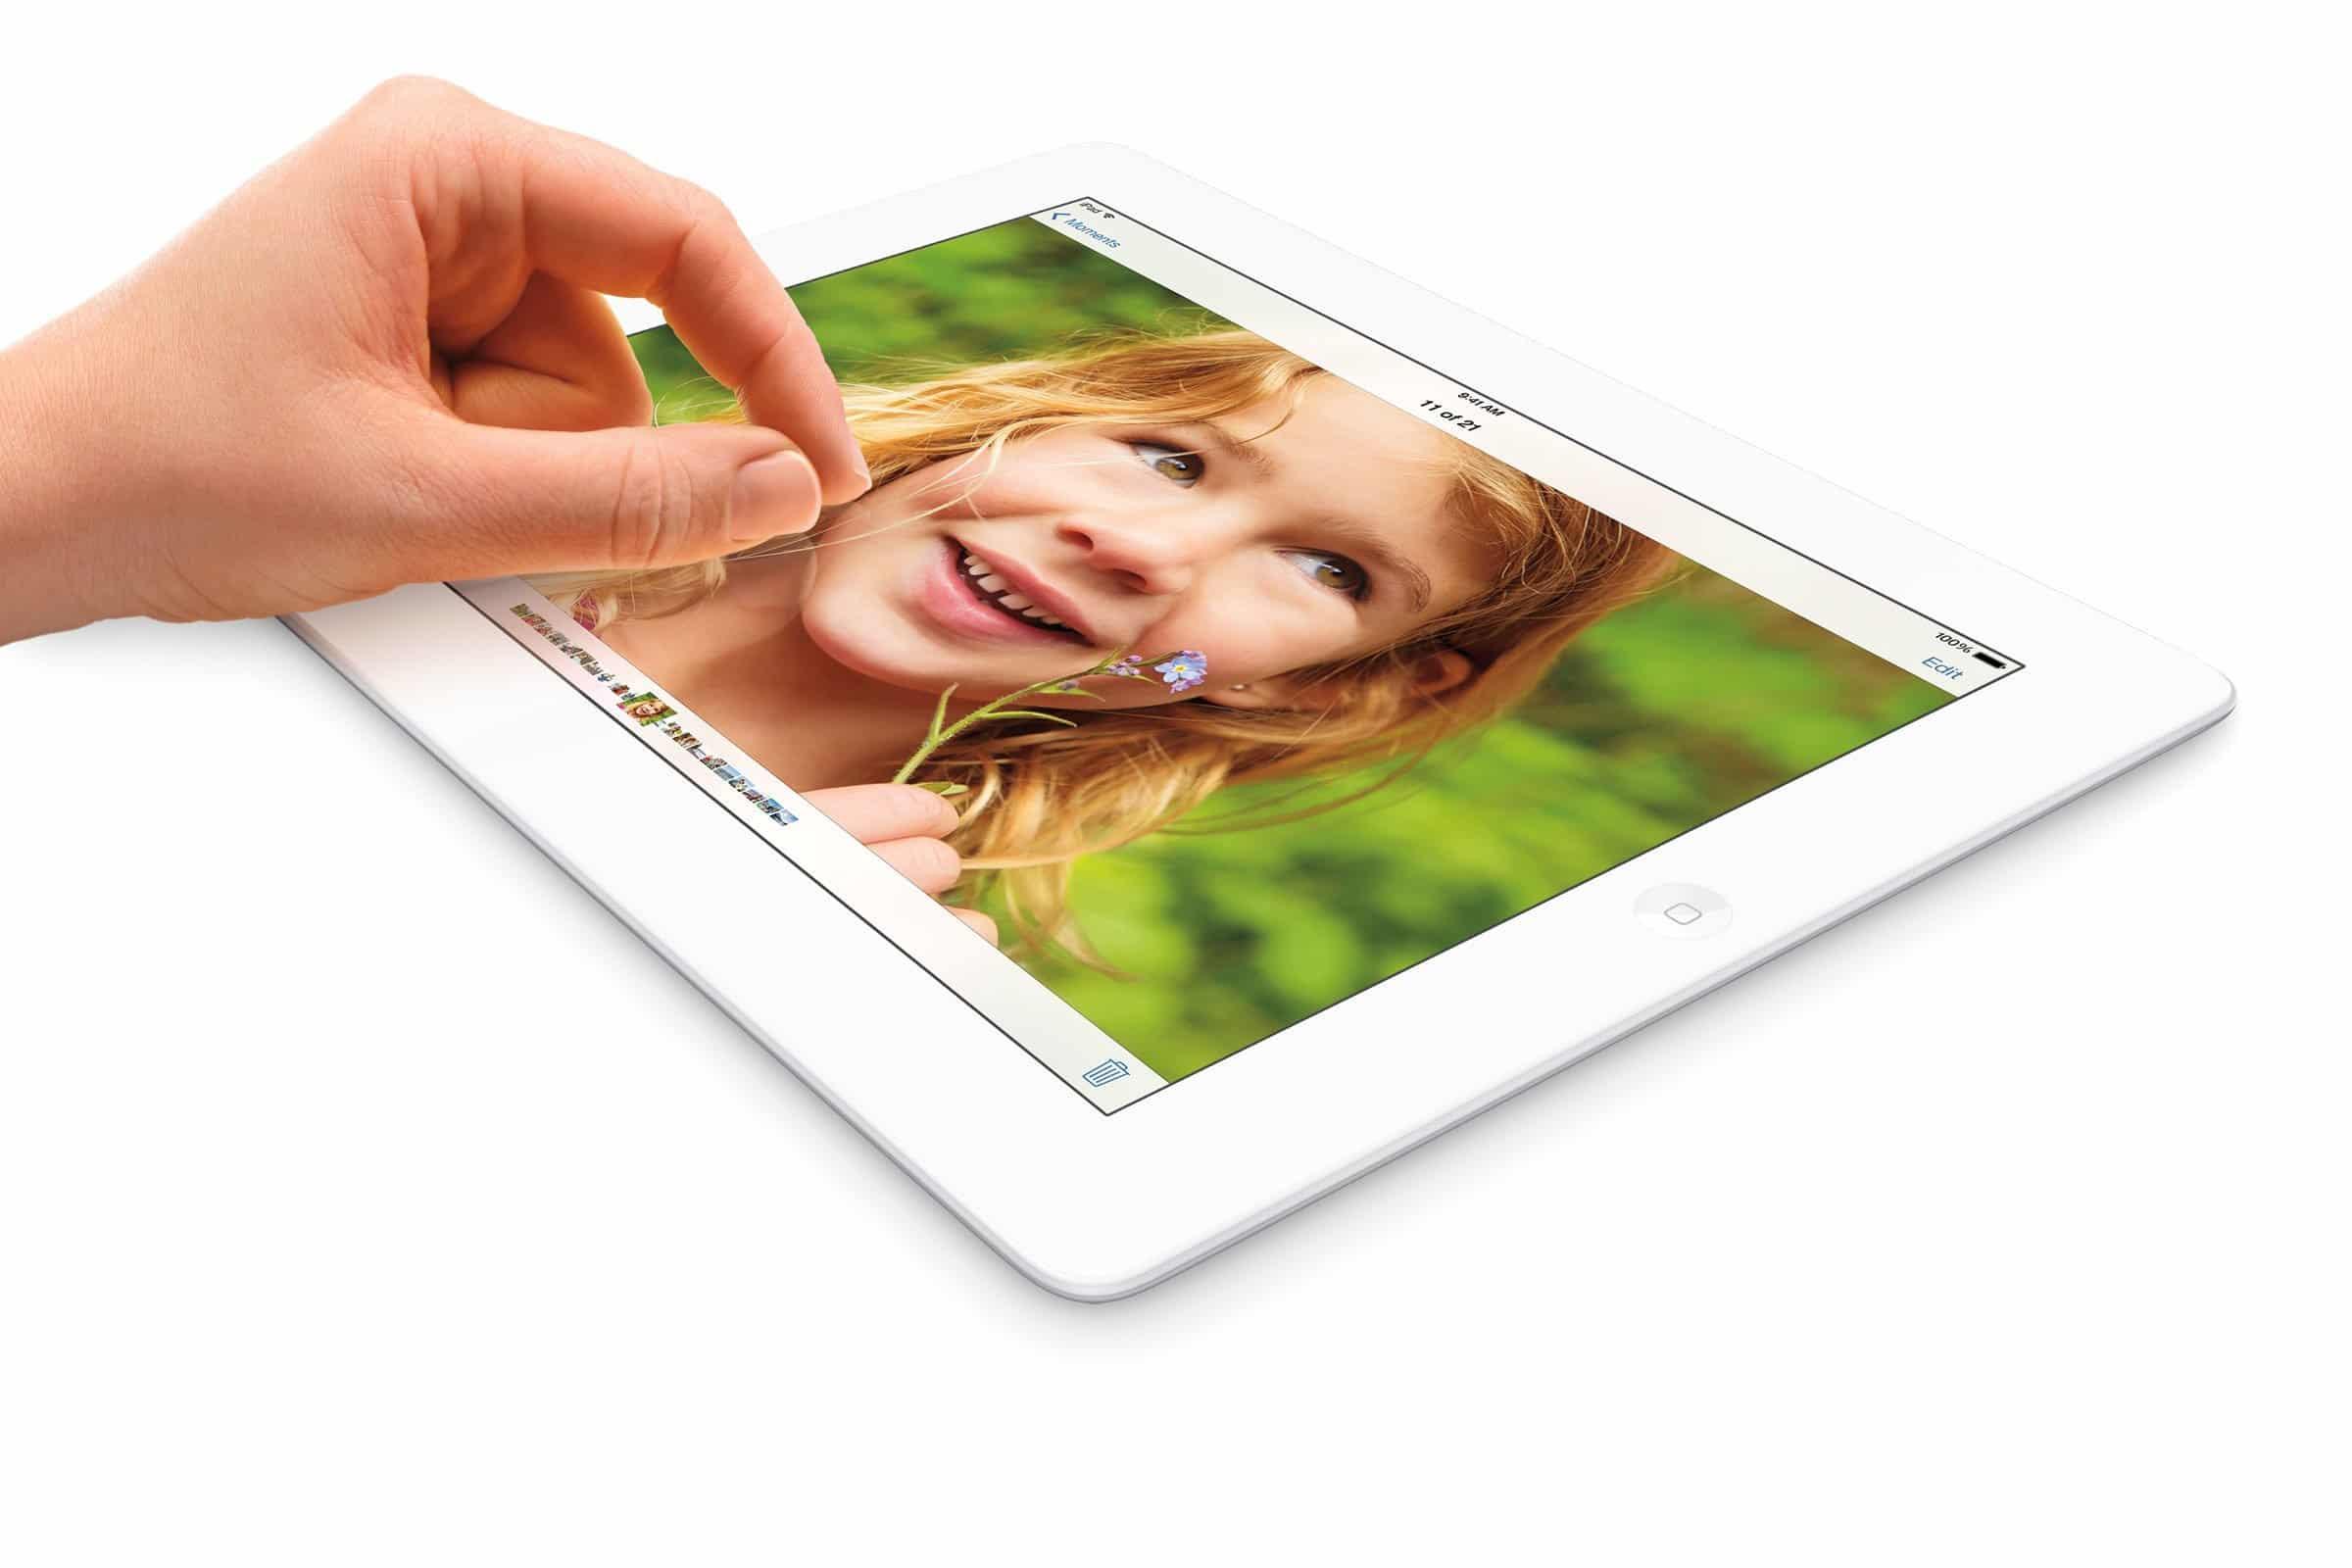 iPad 4 jetzt neues Einstiegsmodell für 379 Euro